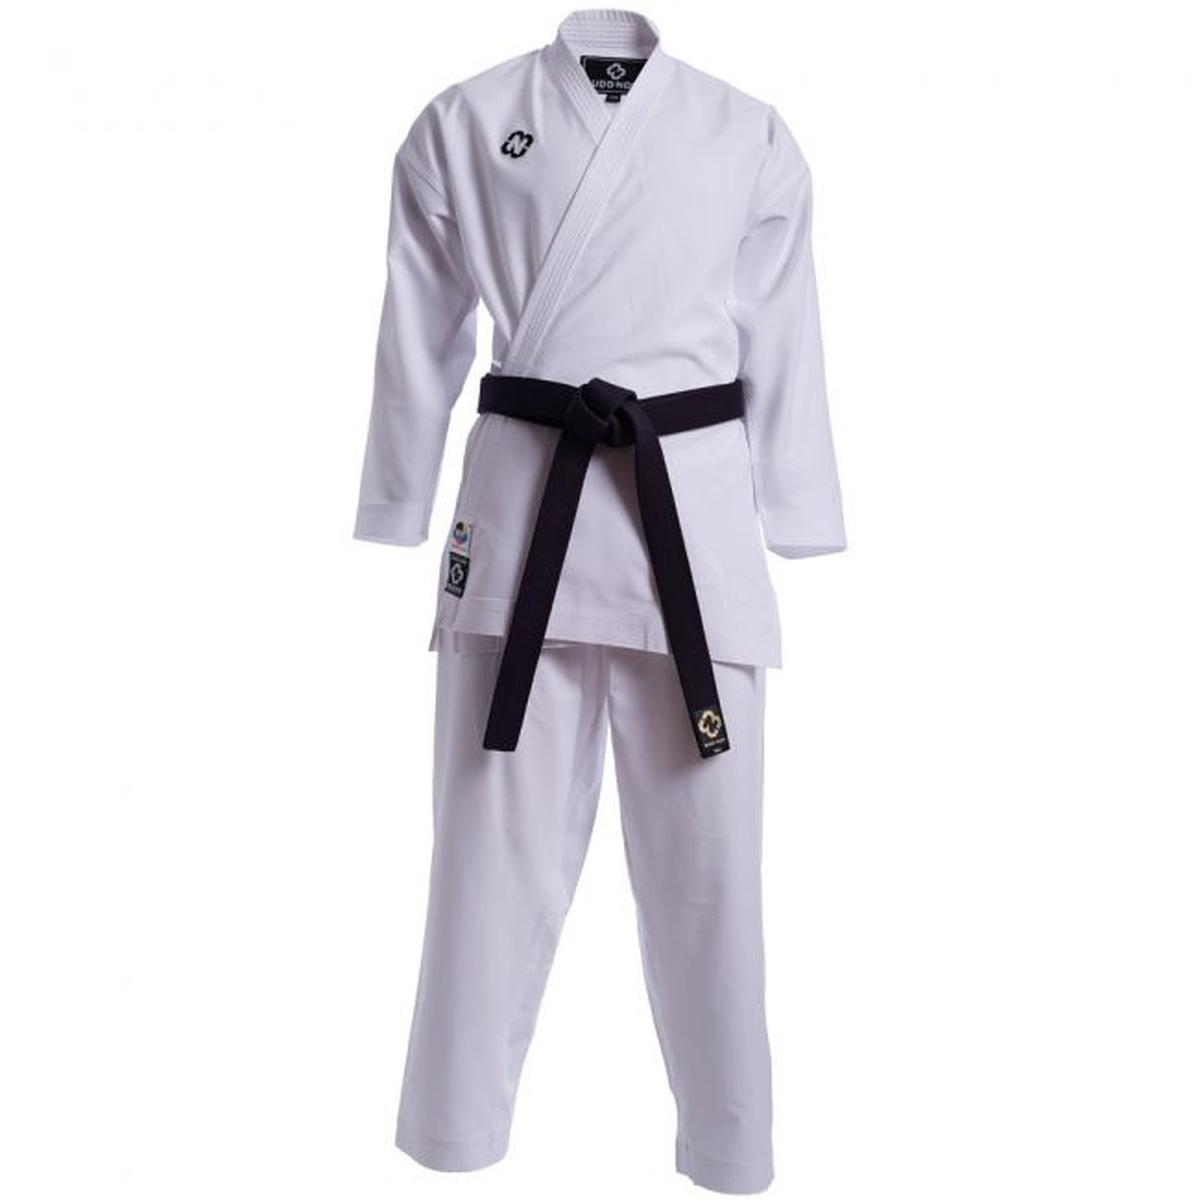 BUDO-NORD Agoya WKF-Godkjent karatedrakt